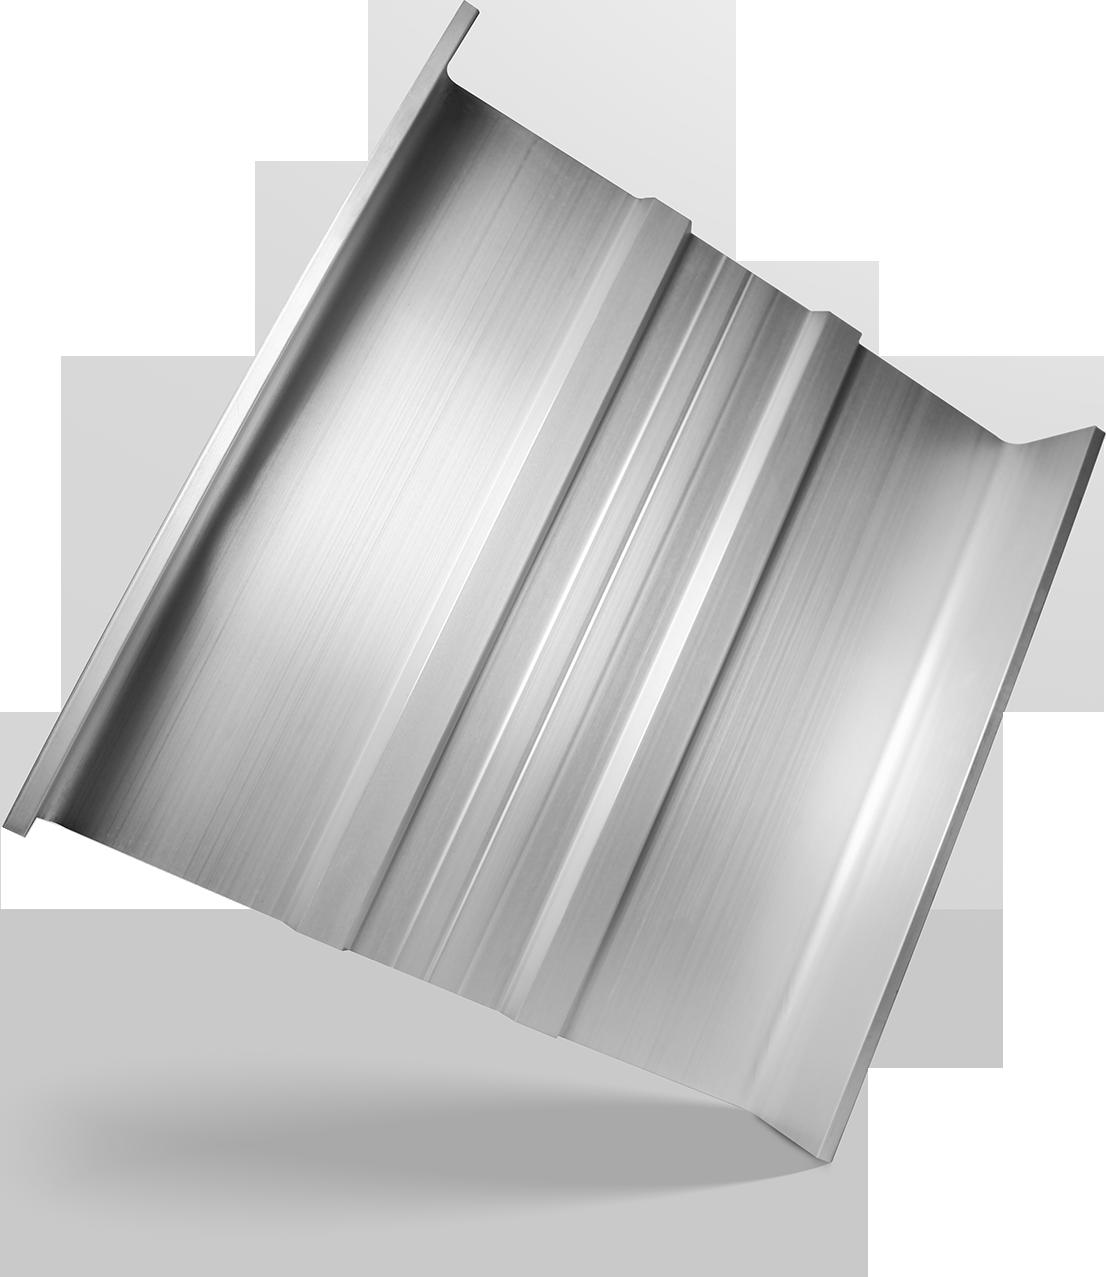 江苏铝模板生产厂家_晟通金属建材雷竞技app下载官方版-晟通科技集团有限公司